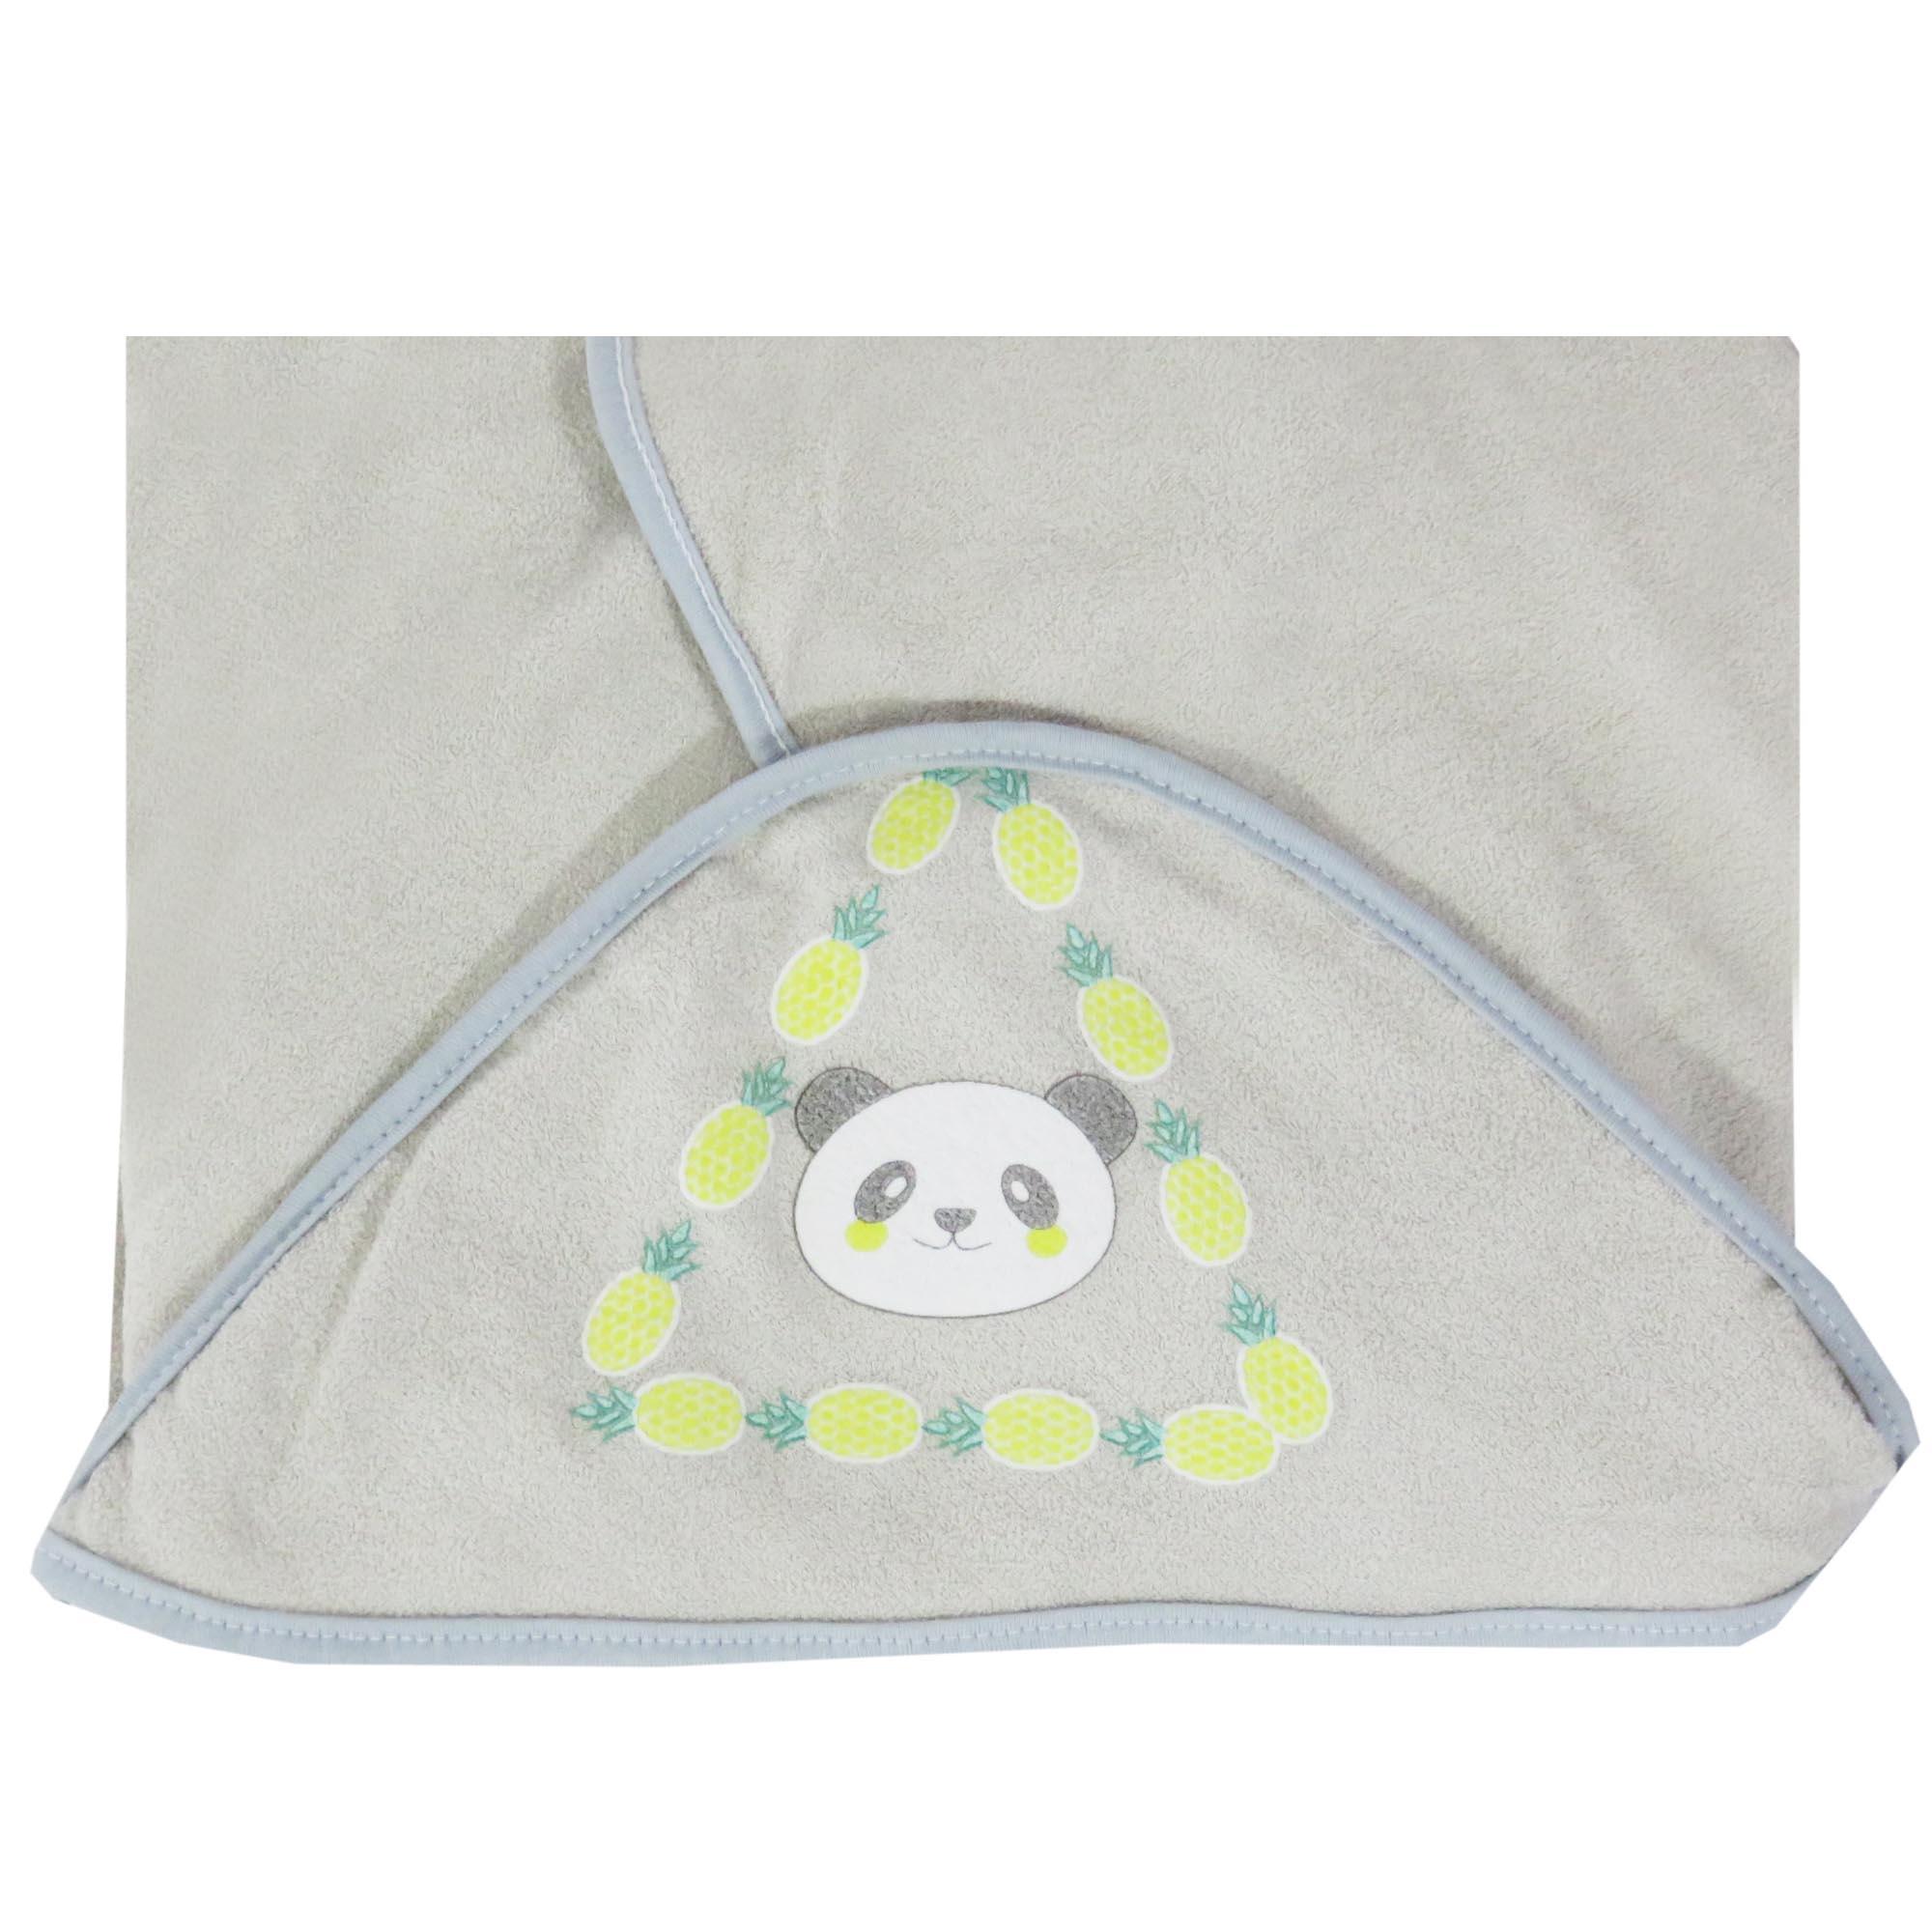 Toalha de Plush com Puff no Capuz Estampa Panda - Incomfral - Bambi Malhas